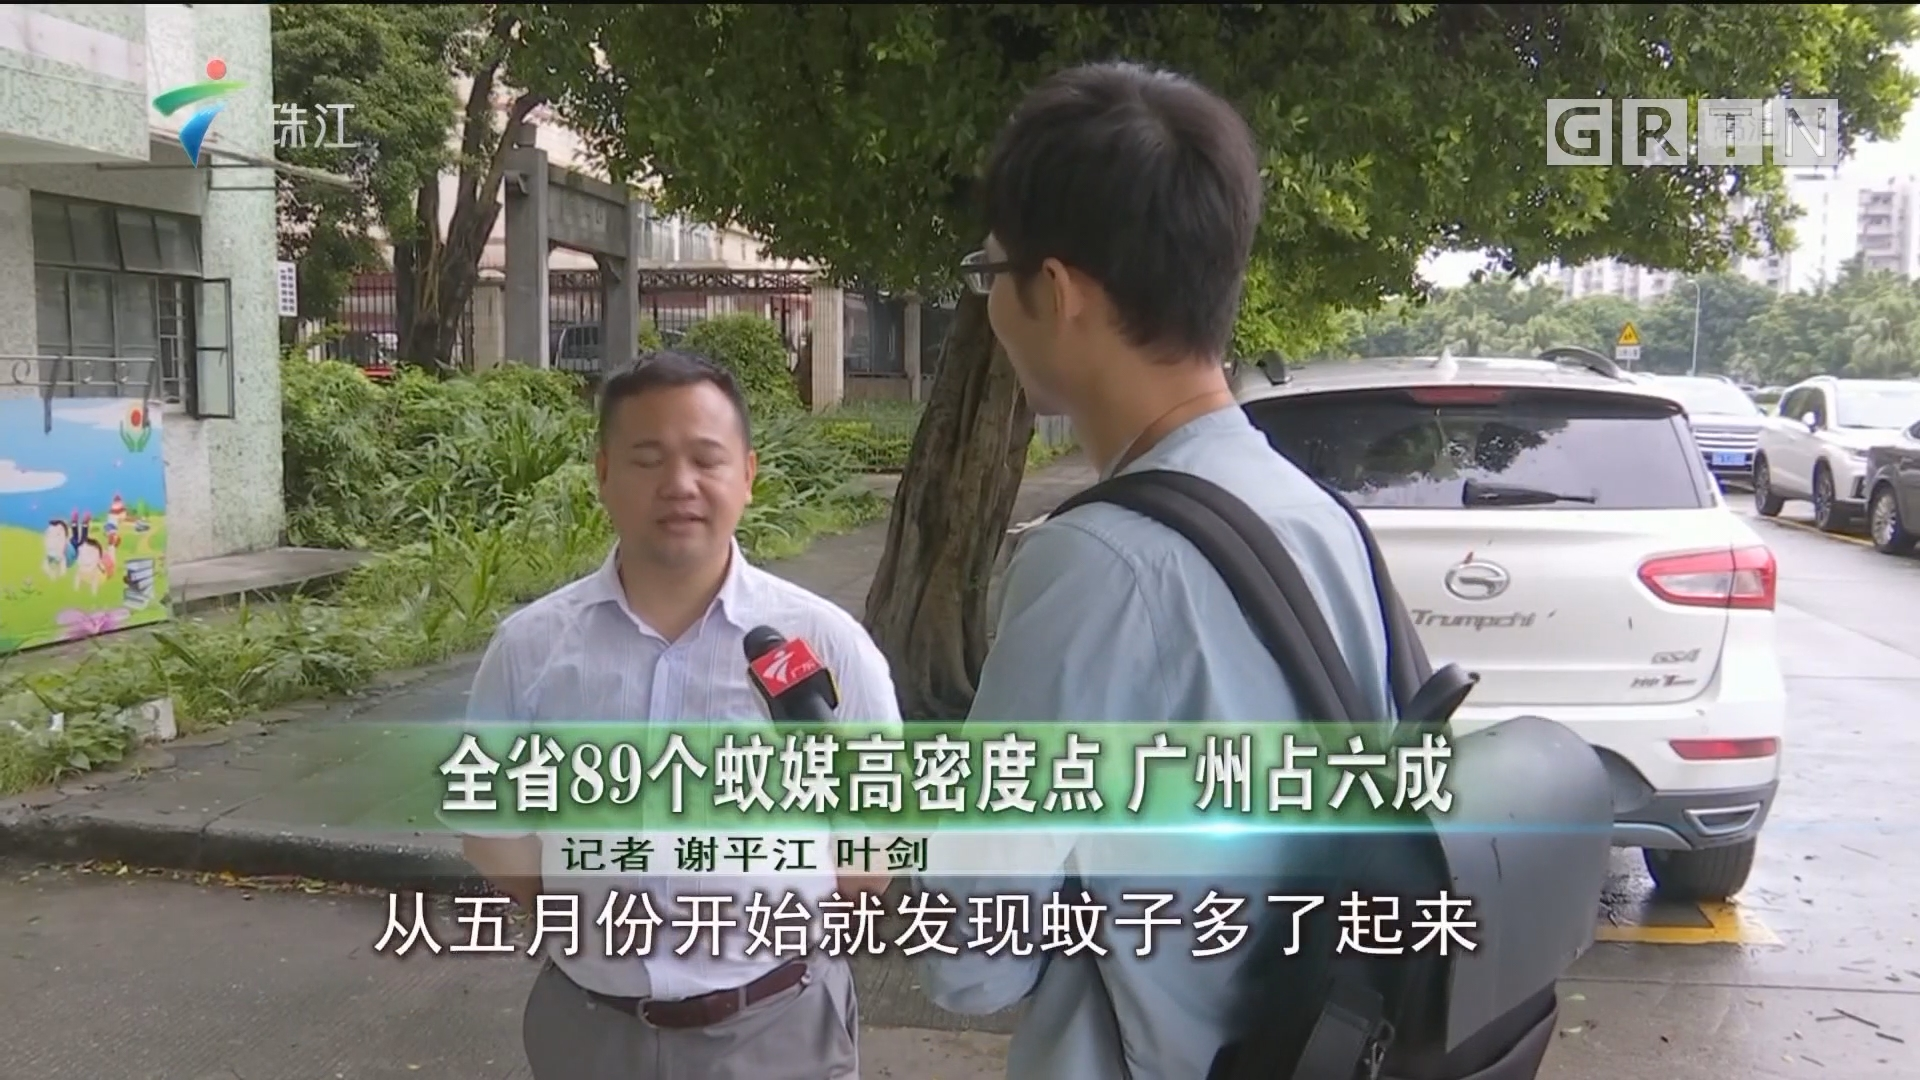 全省89个蚊媒高密度点 广州占六成